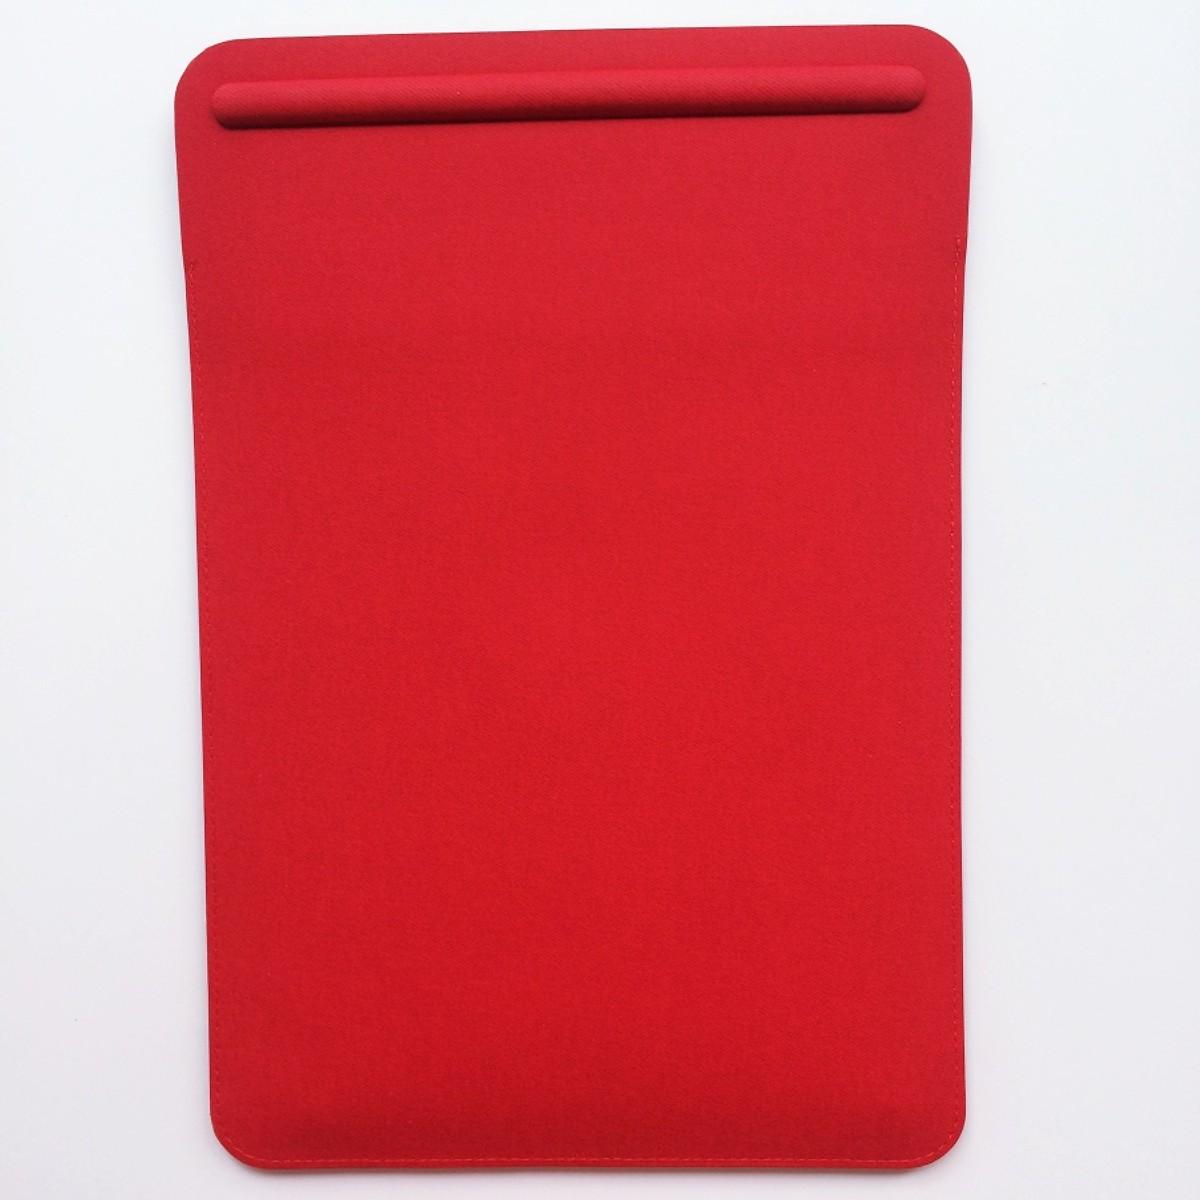 Túi đựng iPad, máy tính bảng có ngăn Để bút cảm ứng Apple.